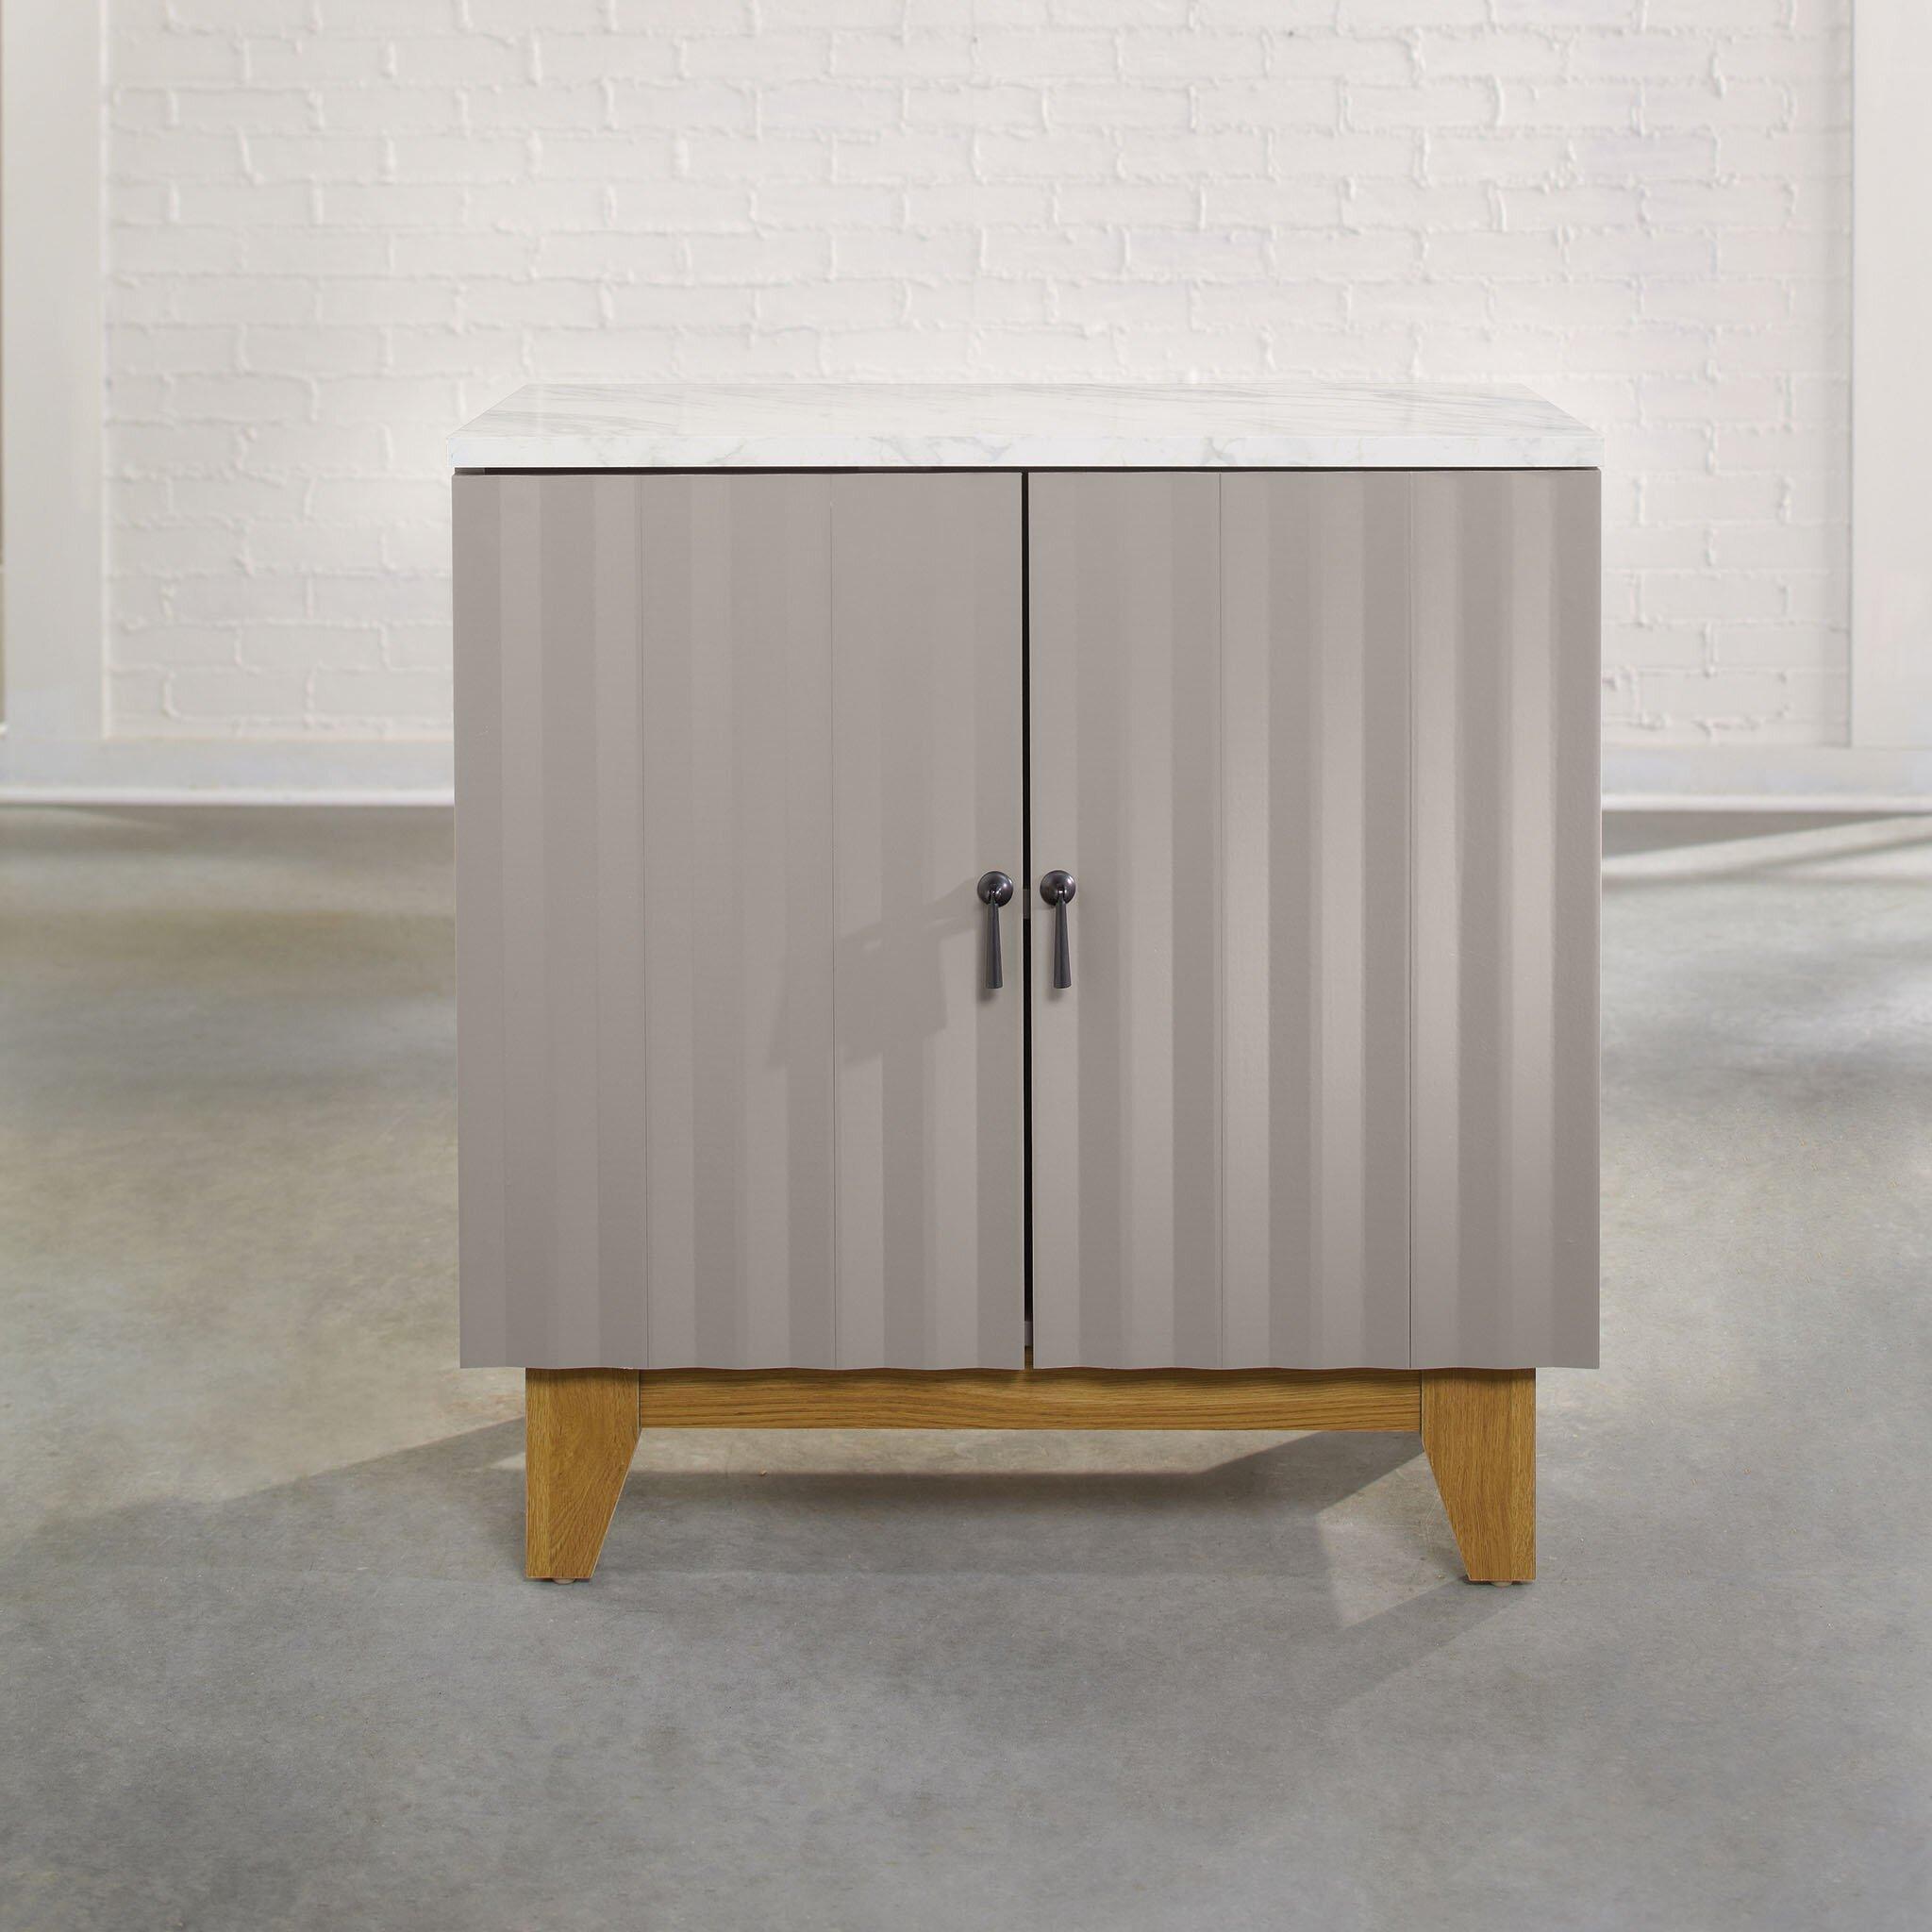 sauder cabinet with doors